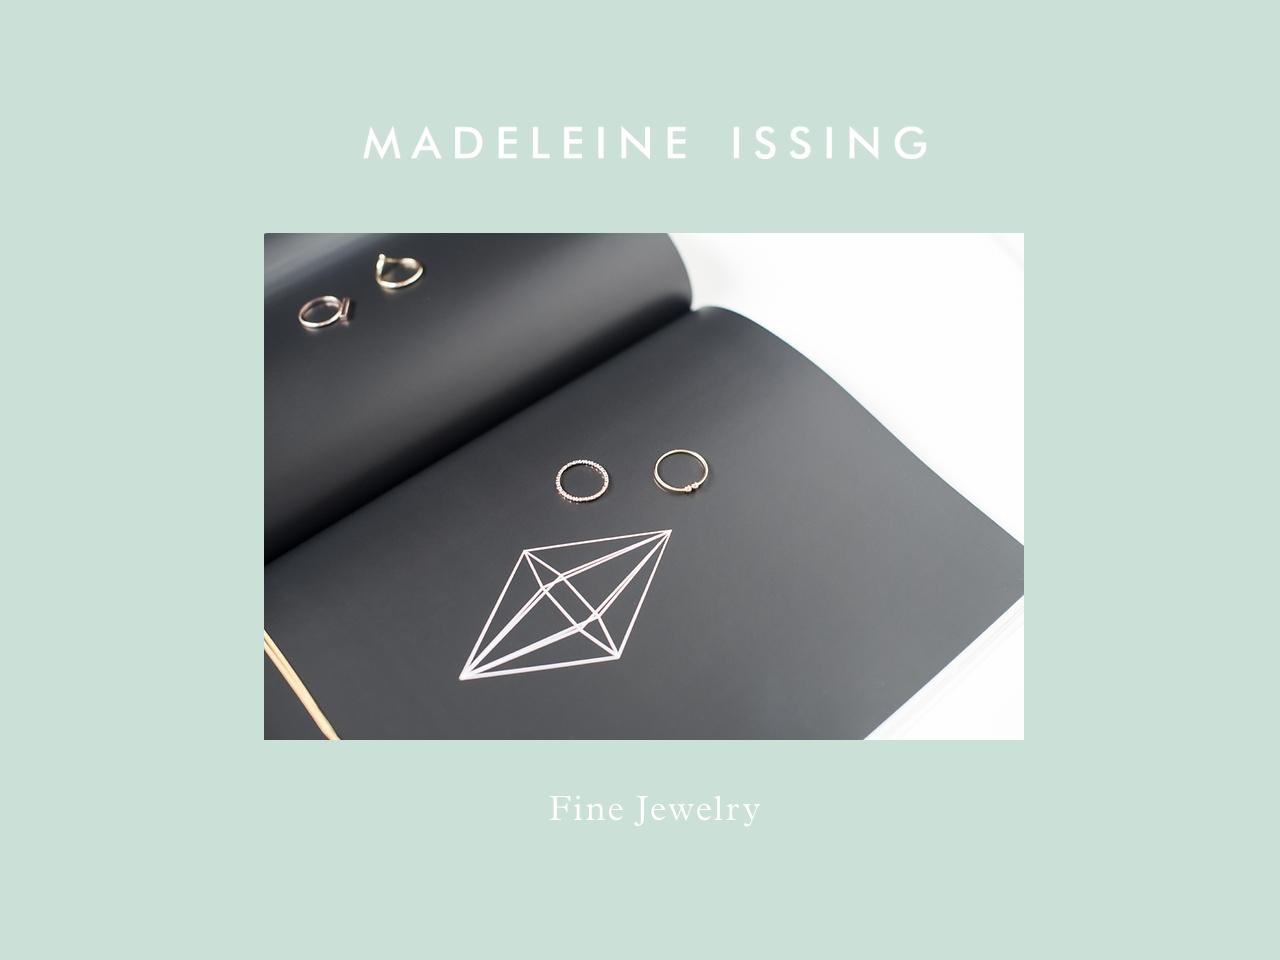 Minimalistischer Schmuck und Desing Madeleine Issing